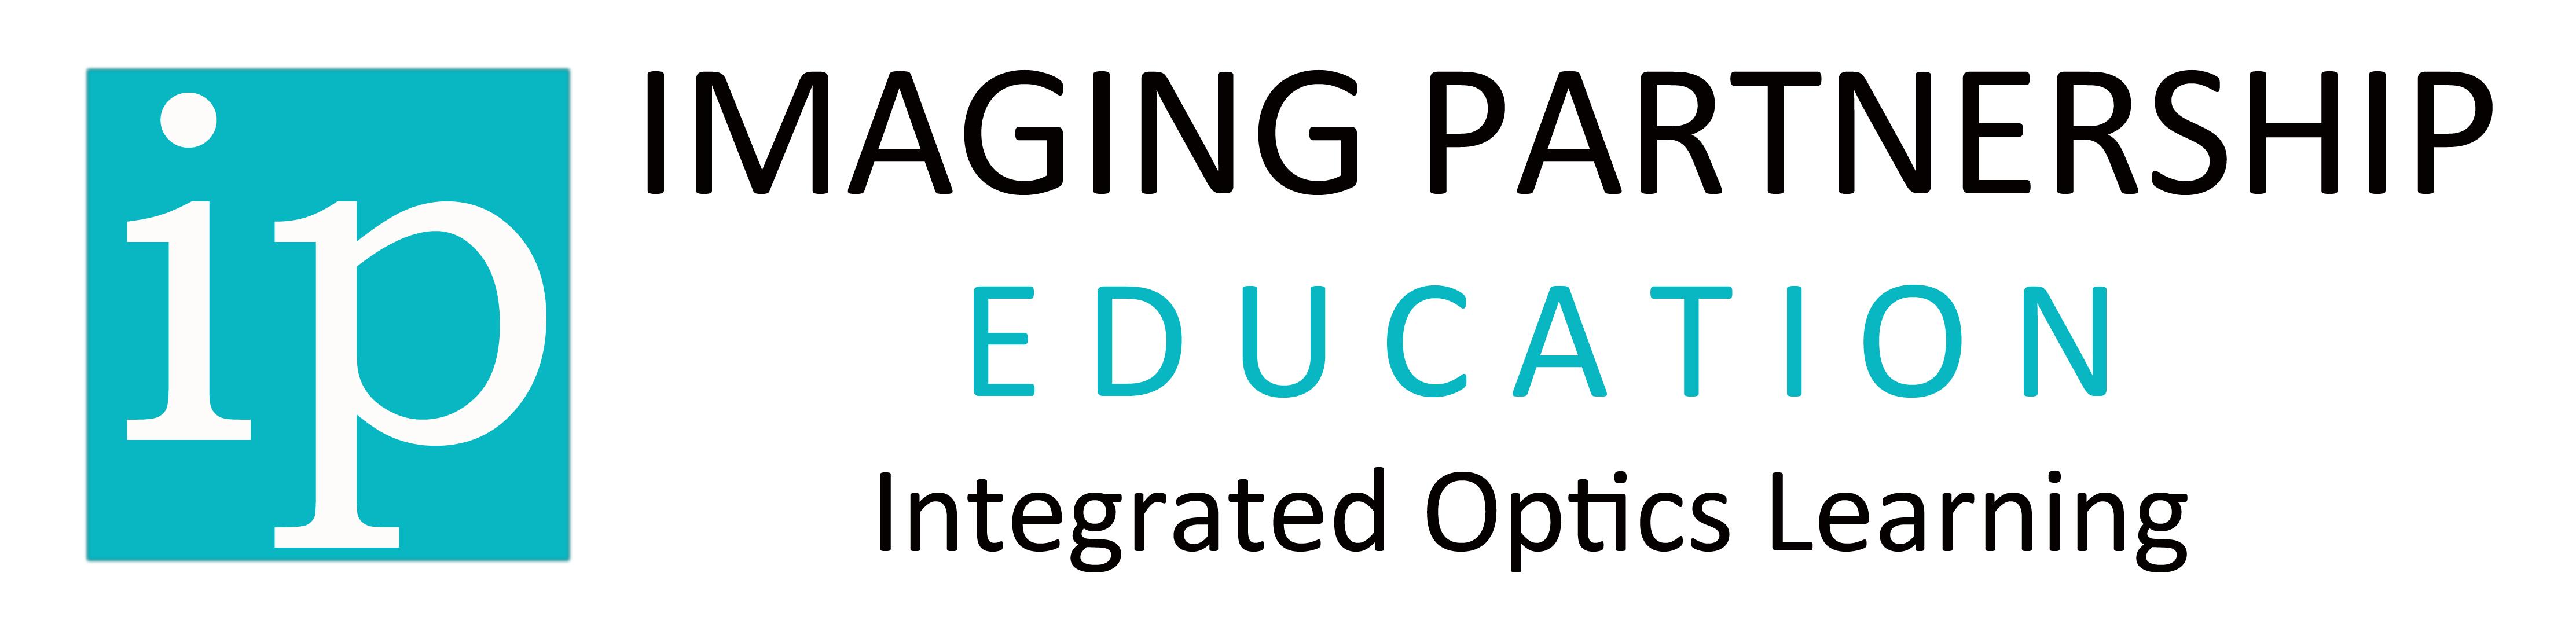 IP Education - Integrated Optics